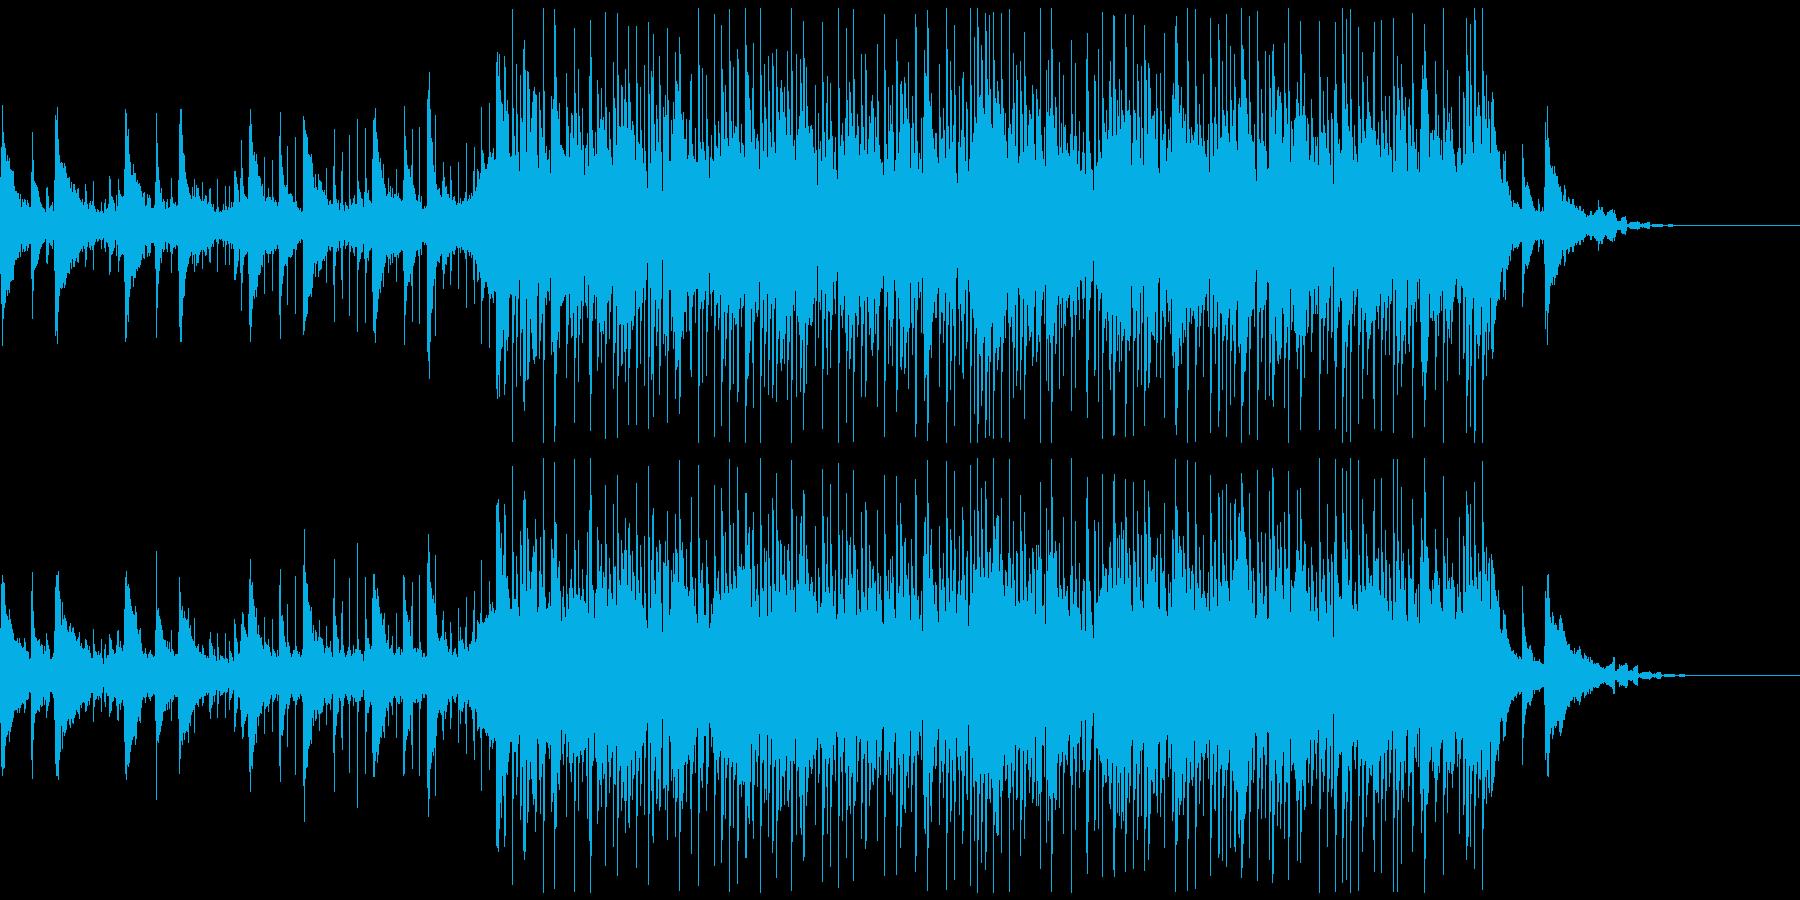 ピアノの切なく綺麗なメロディと詞の朗読の再生済みの波形